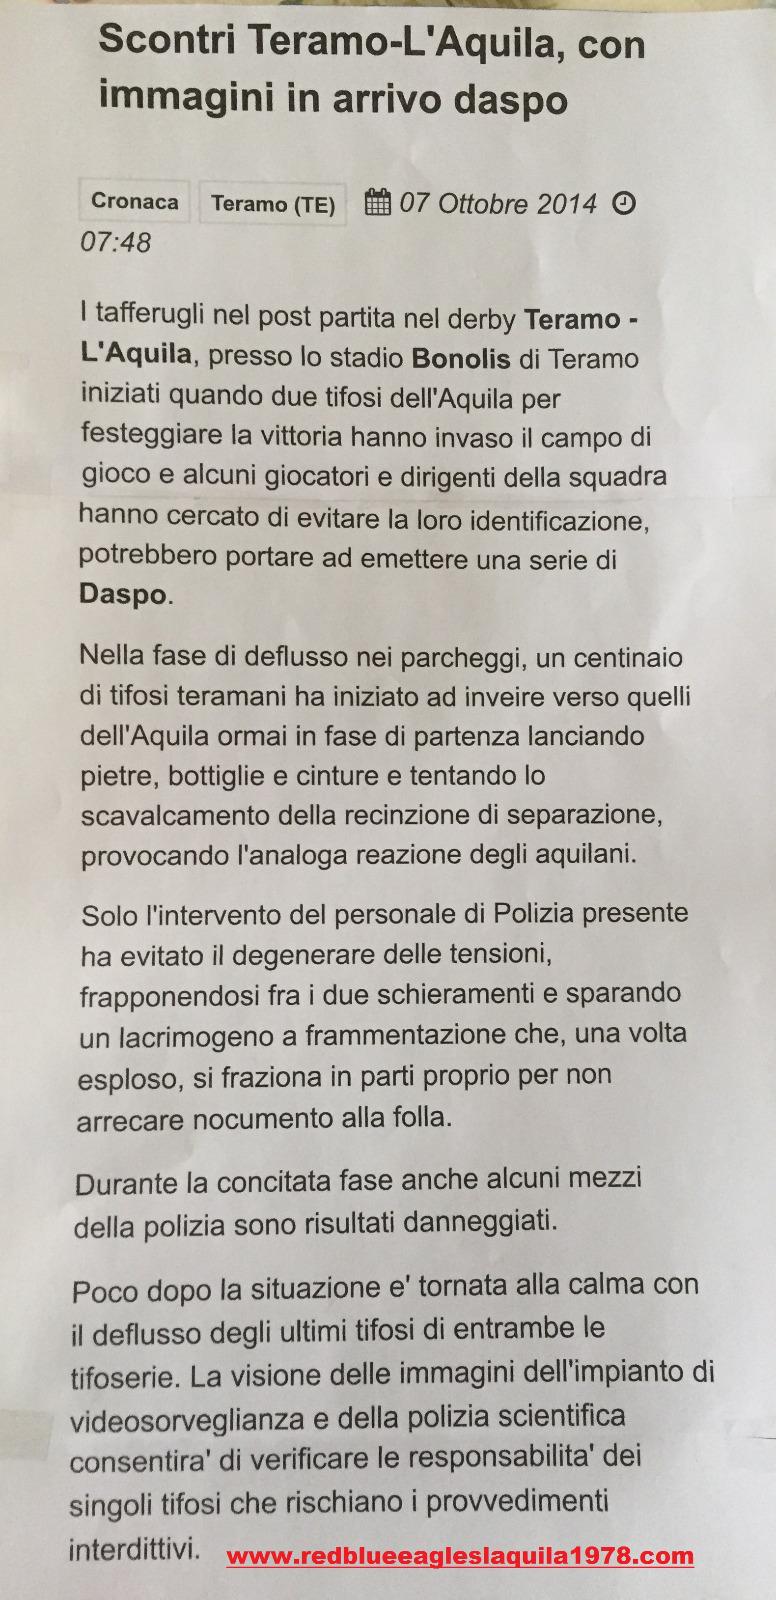 Incidenti Teramo-L'Aquila (Lega Pro) 5 Ottobre 2014